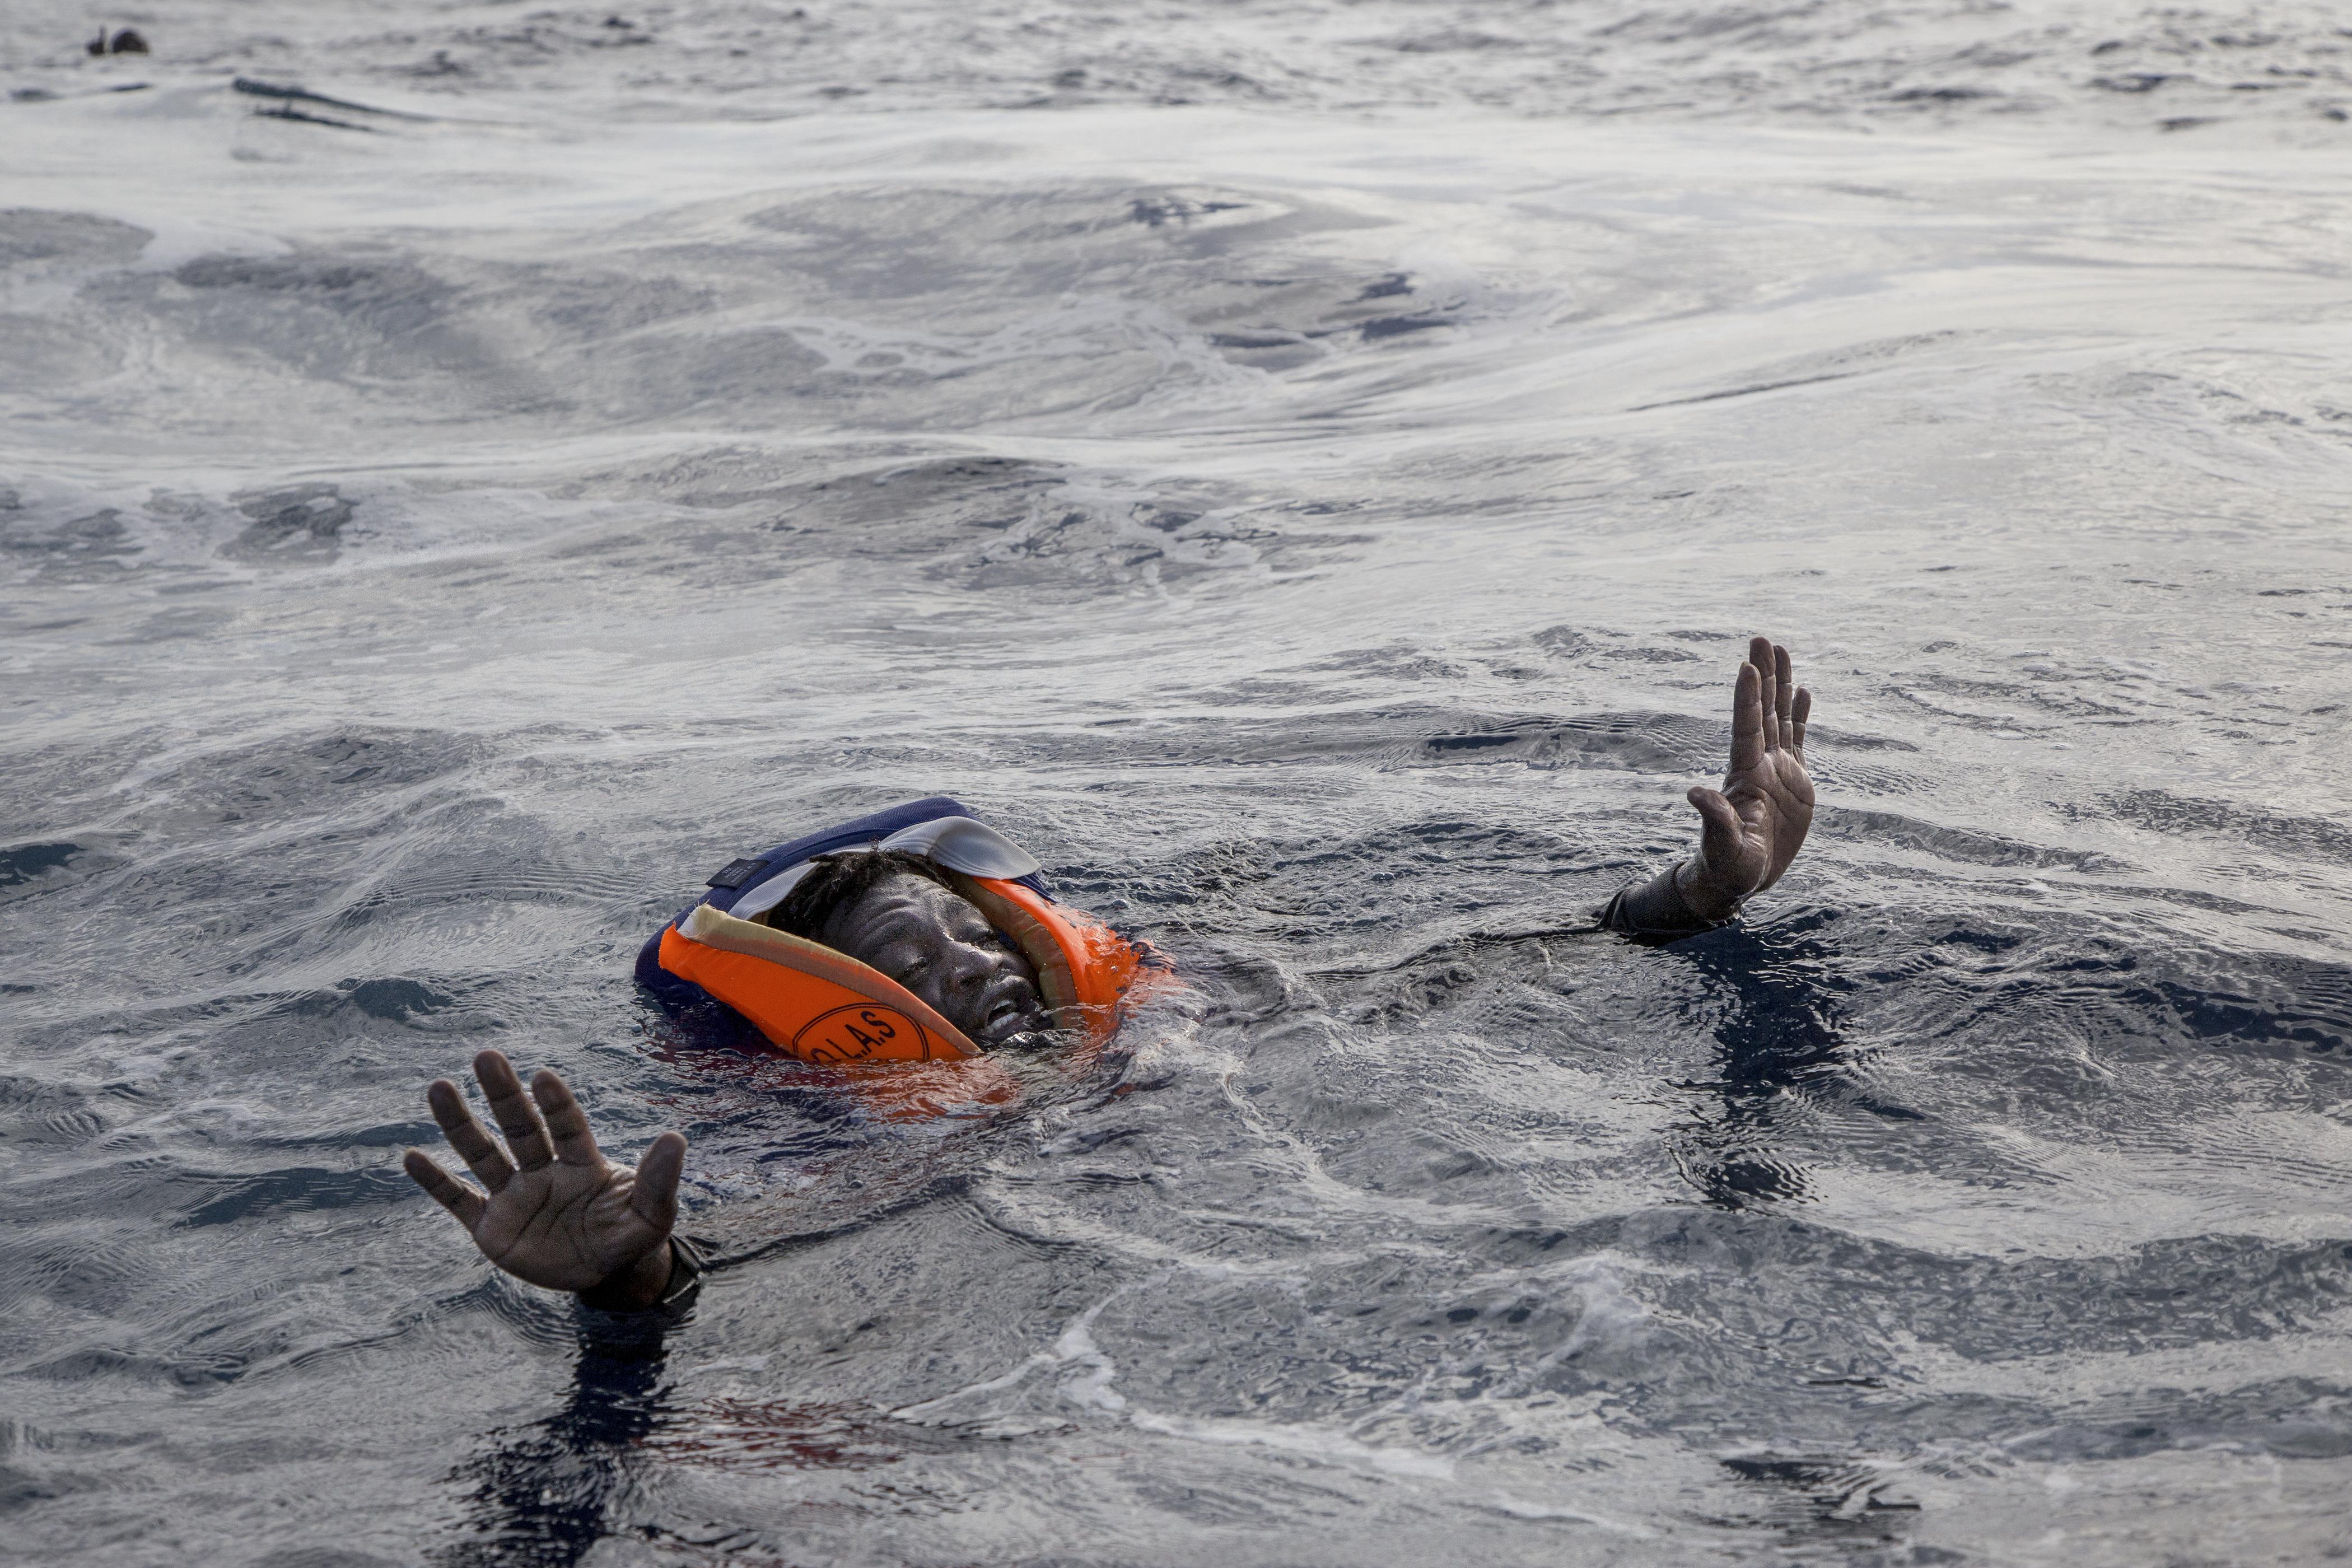 Elsüllyedt egy menekülőkkel teli hajó Líbia partjainál, kilencvenen fulladhattak vízbe